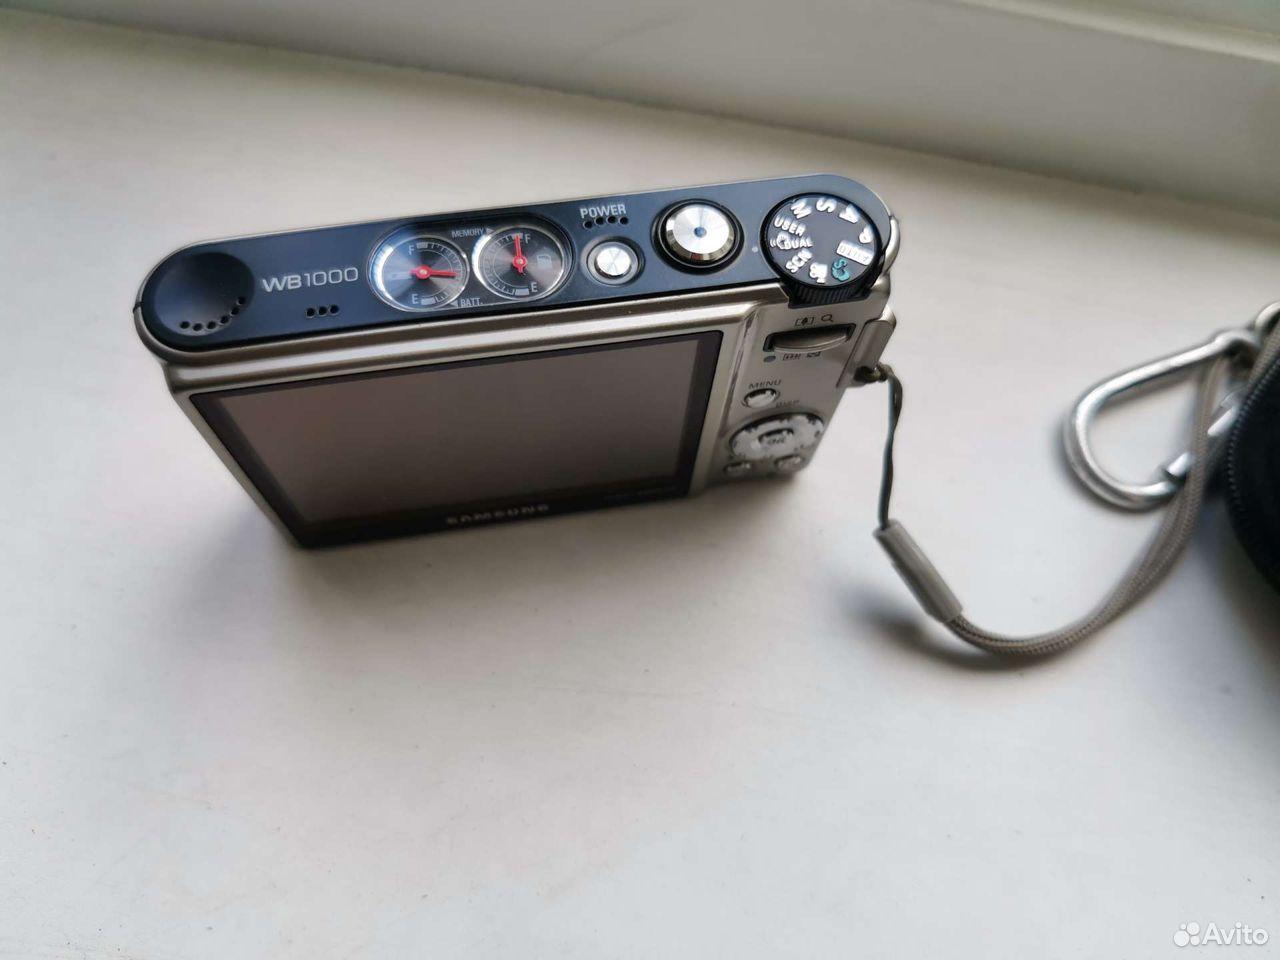 Фотоаппарат Samsung wb1000  89621511311 купить 2